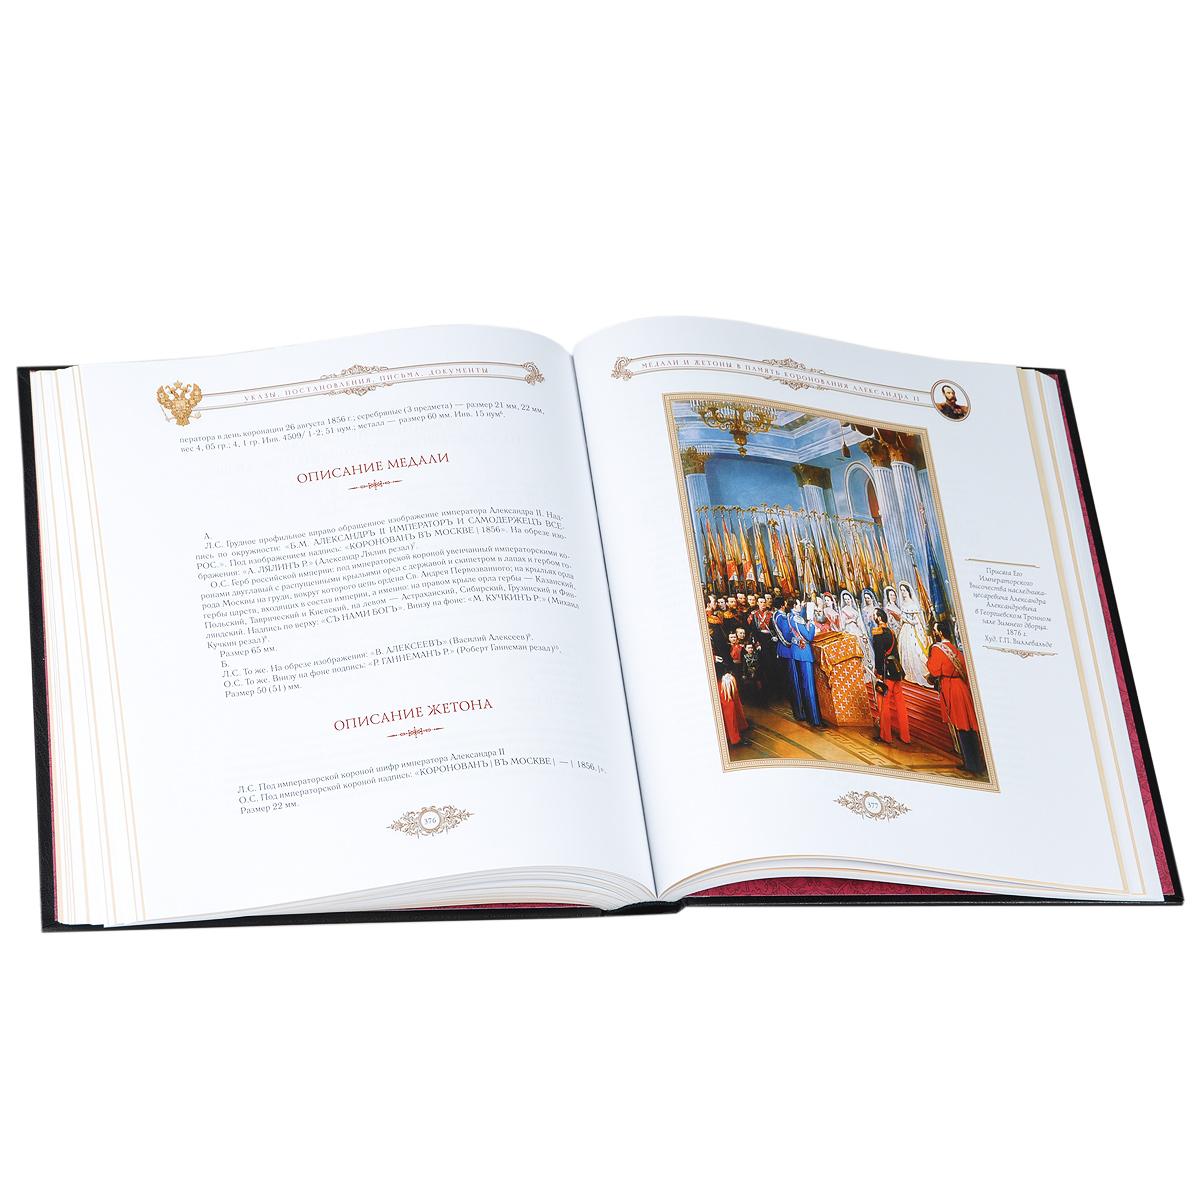 Первопрестольная. Коронация российских императоров. 1724-1896. Медали и жетоны